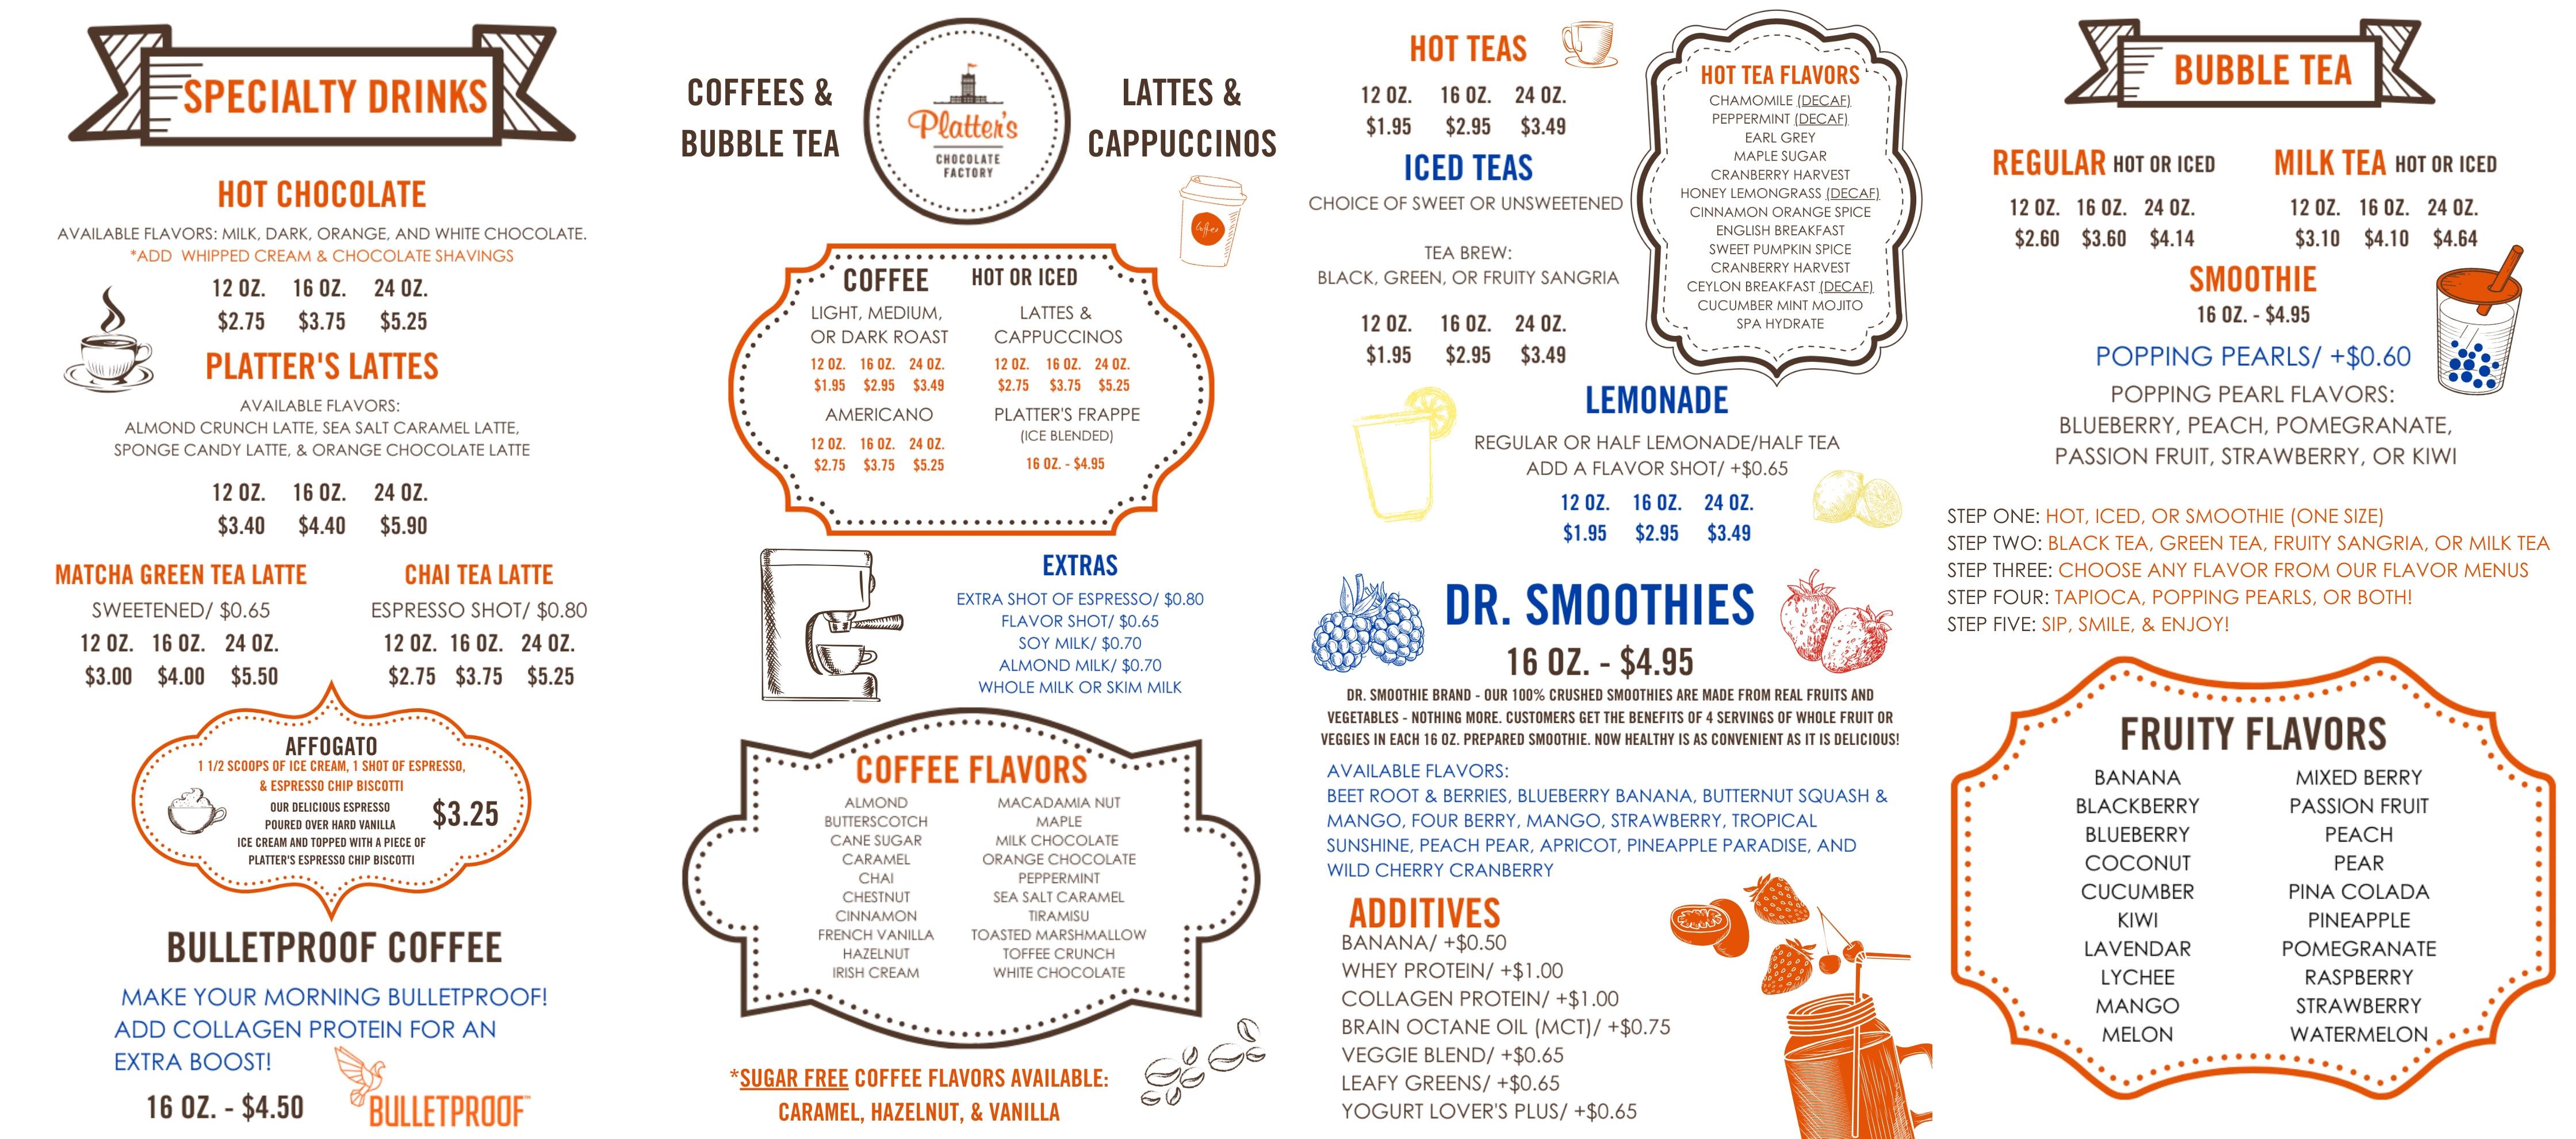 platter-s-cafe-drink-menu.jpg